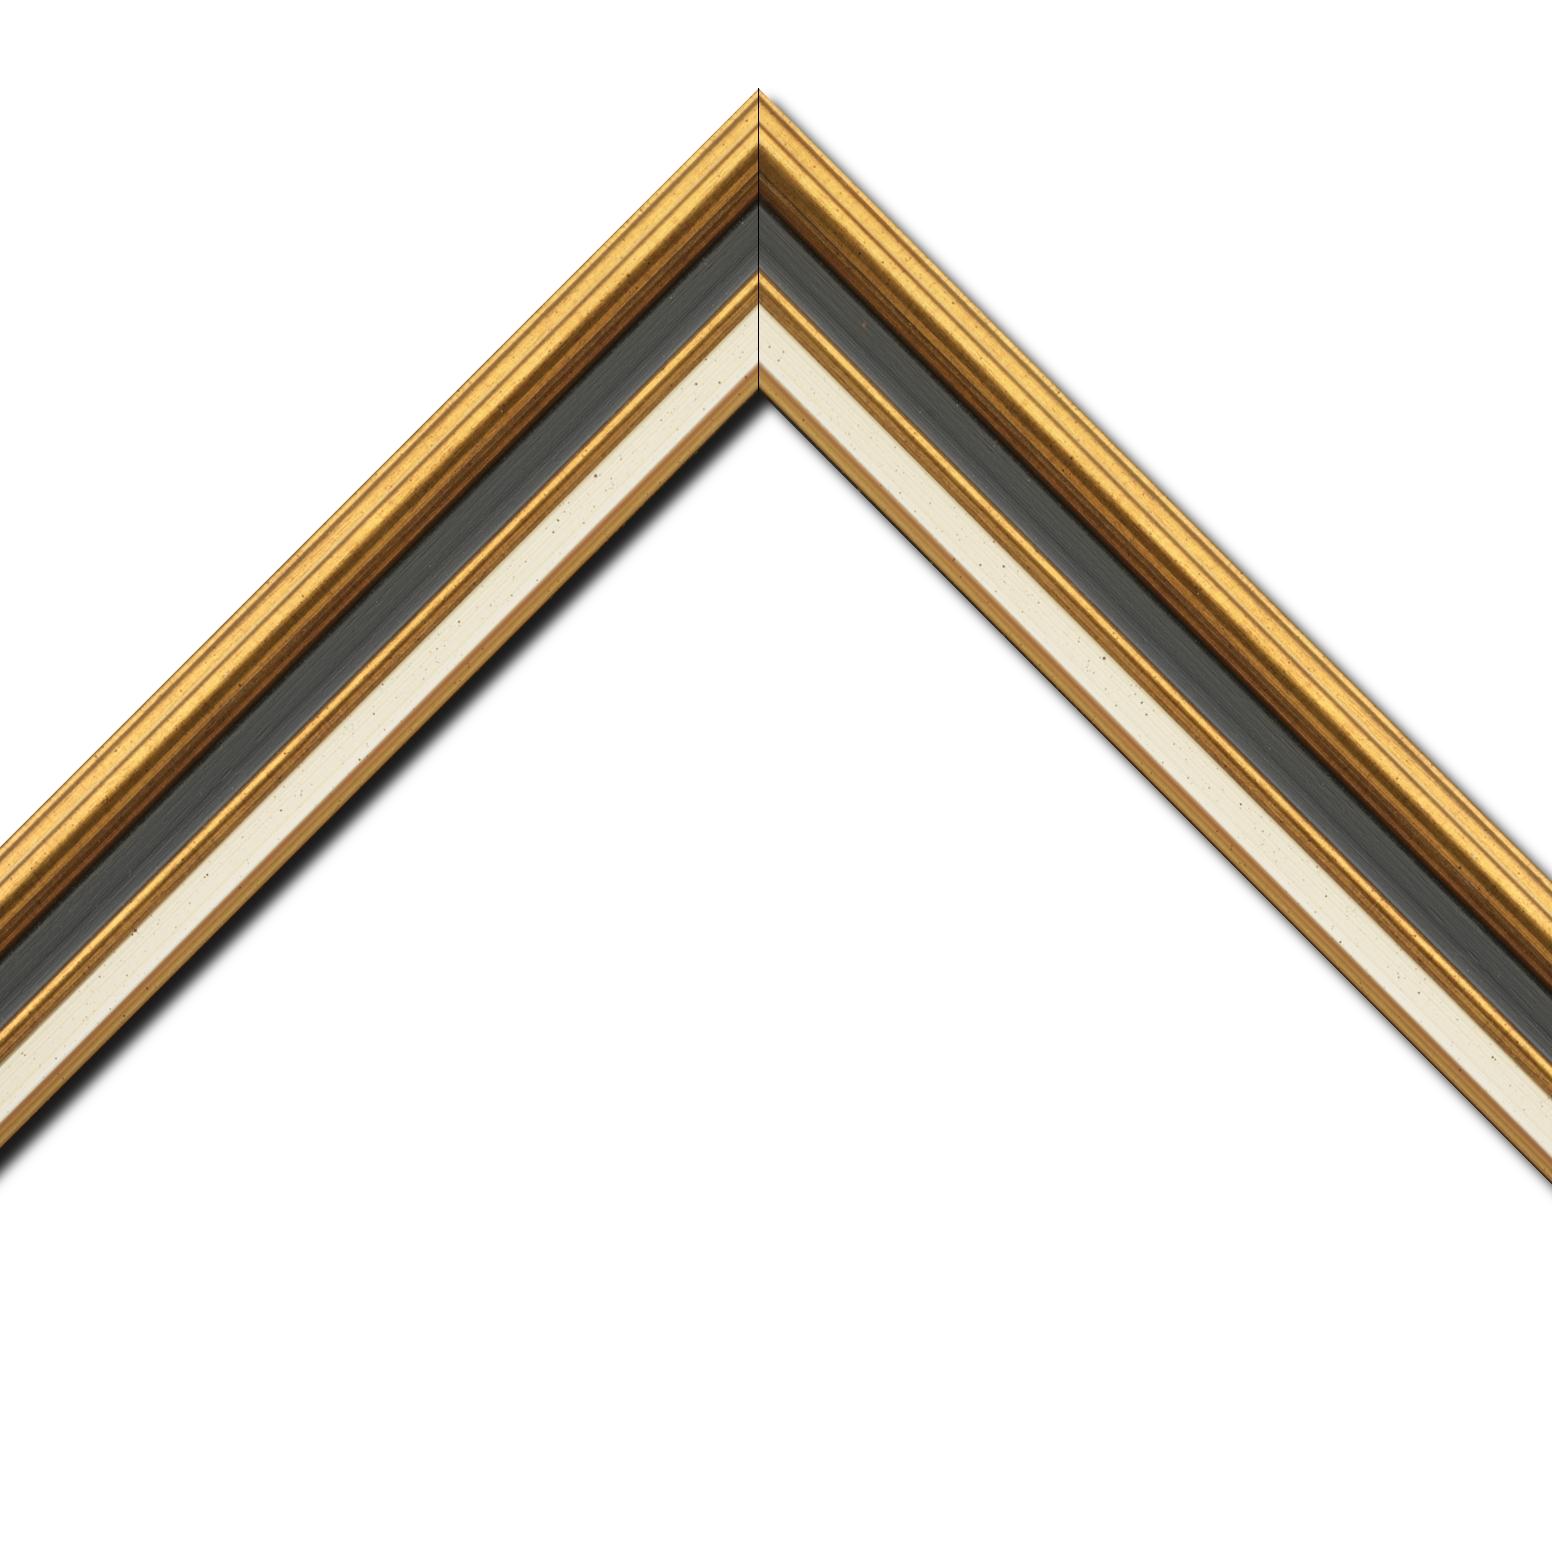 Baguette bois largeur 5.2cm or gorge noire  marie louise crème filet or intégrée